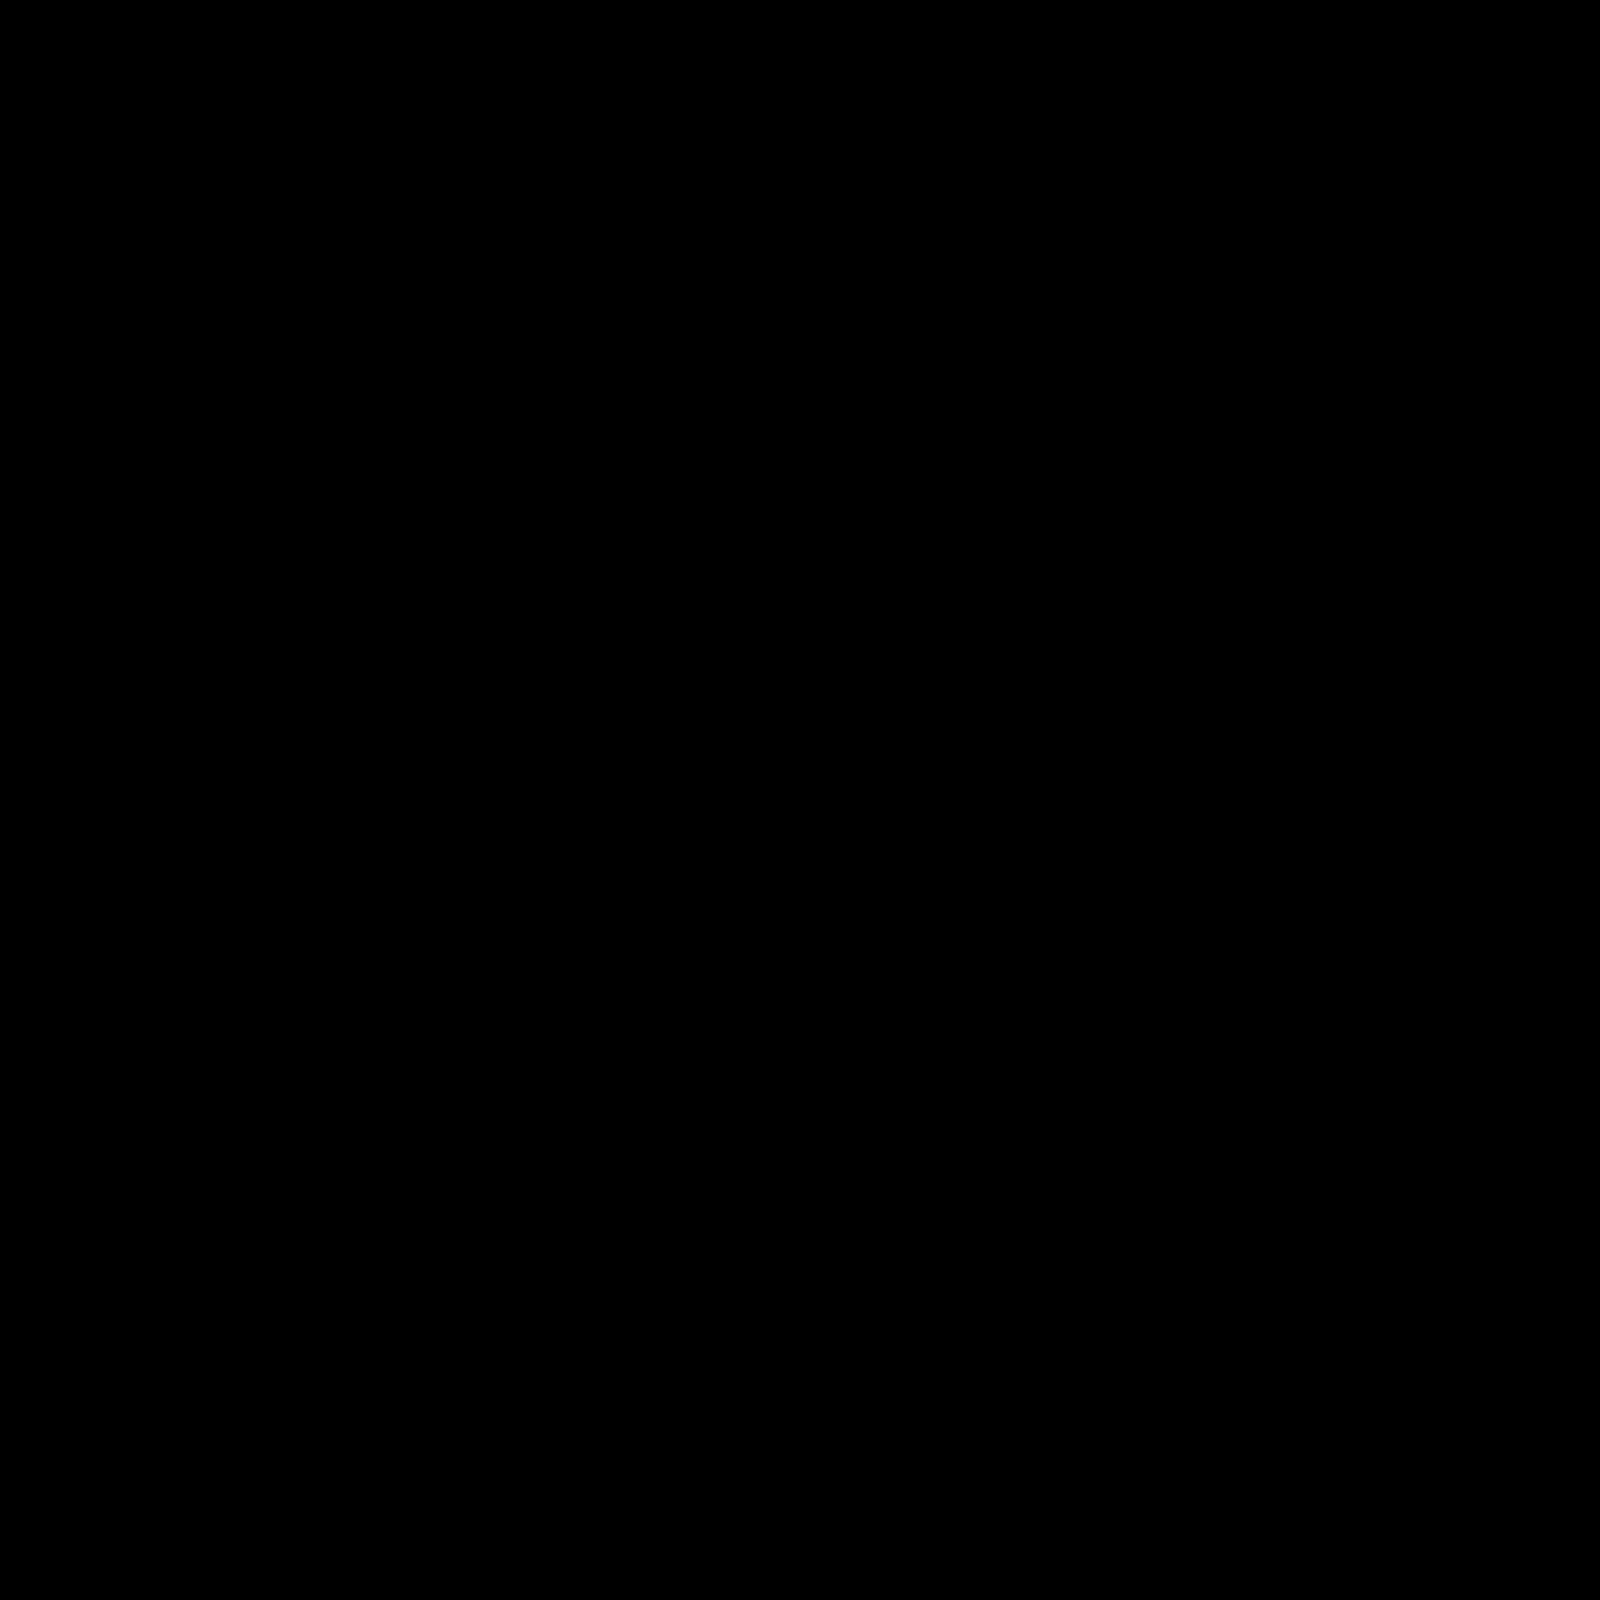 Pagamento móvel icon